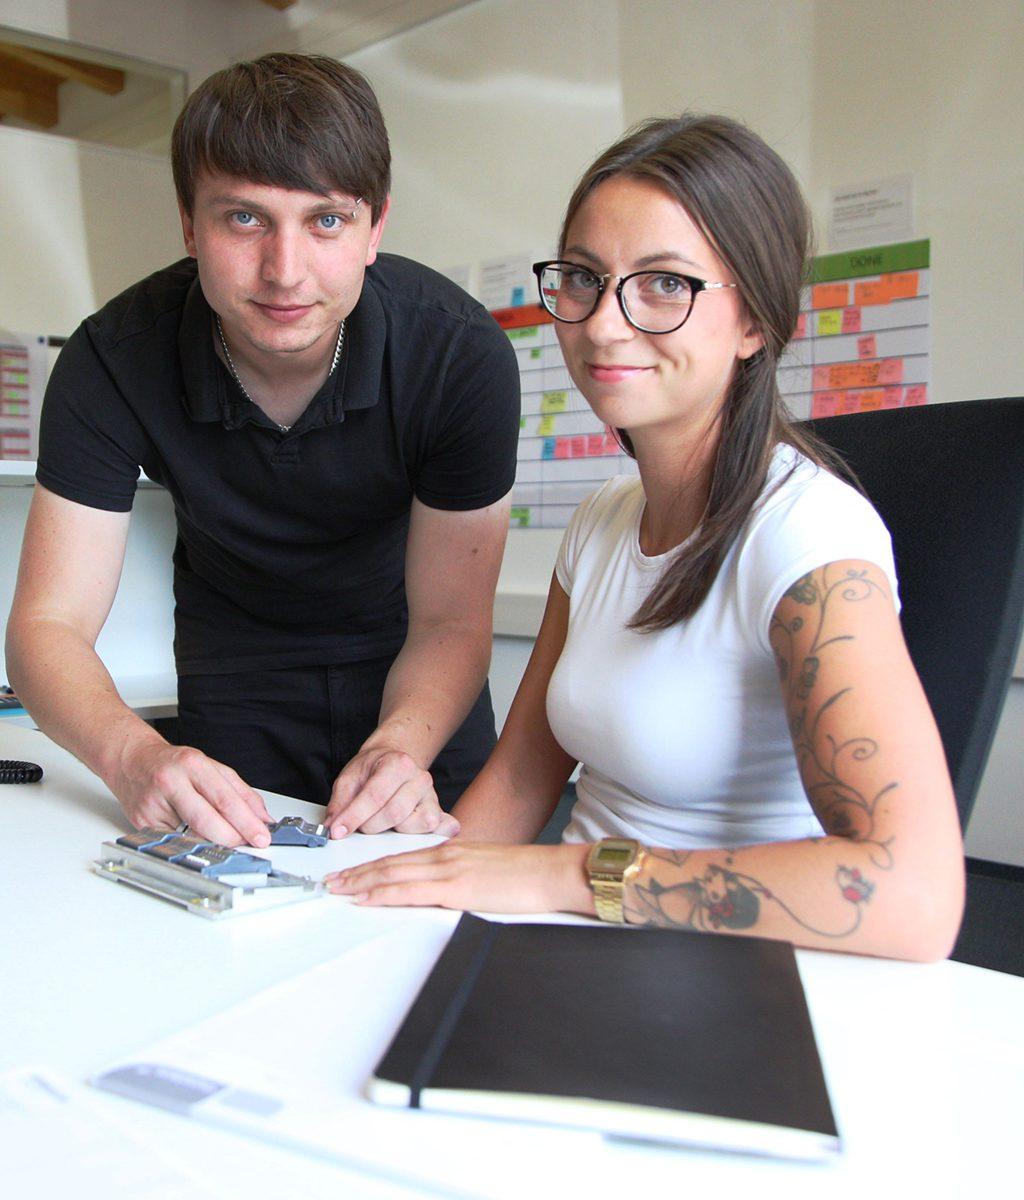 René Böttinger und Isabell Brückmann, Häcker Automation GmbH